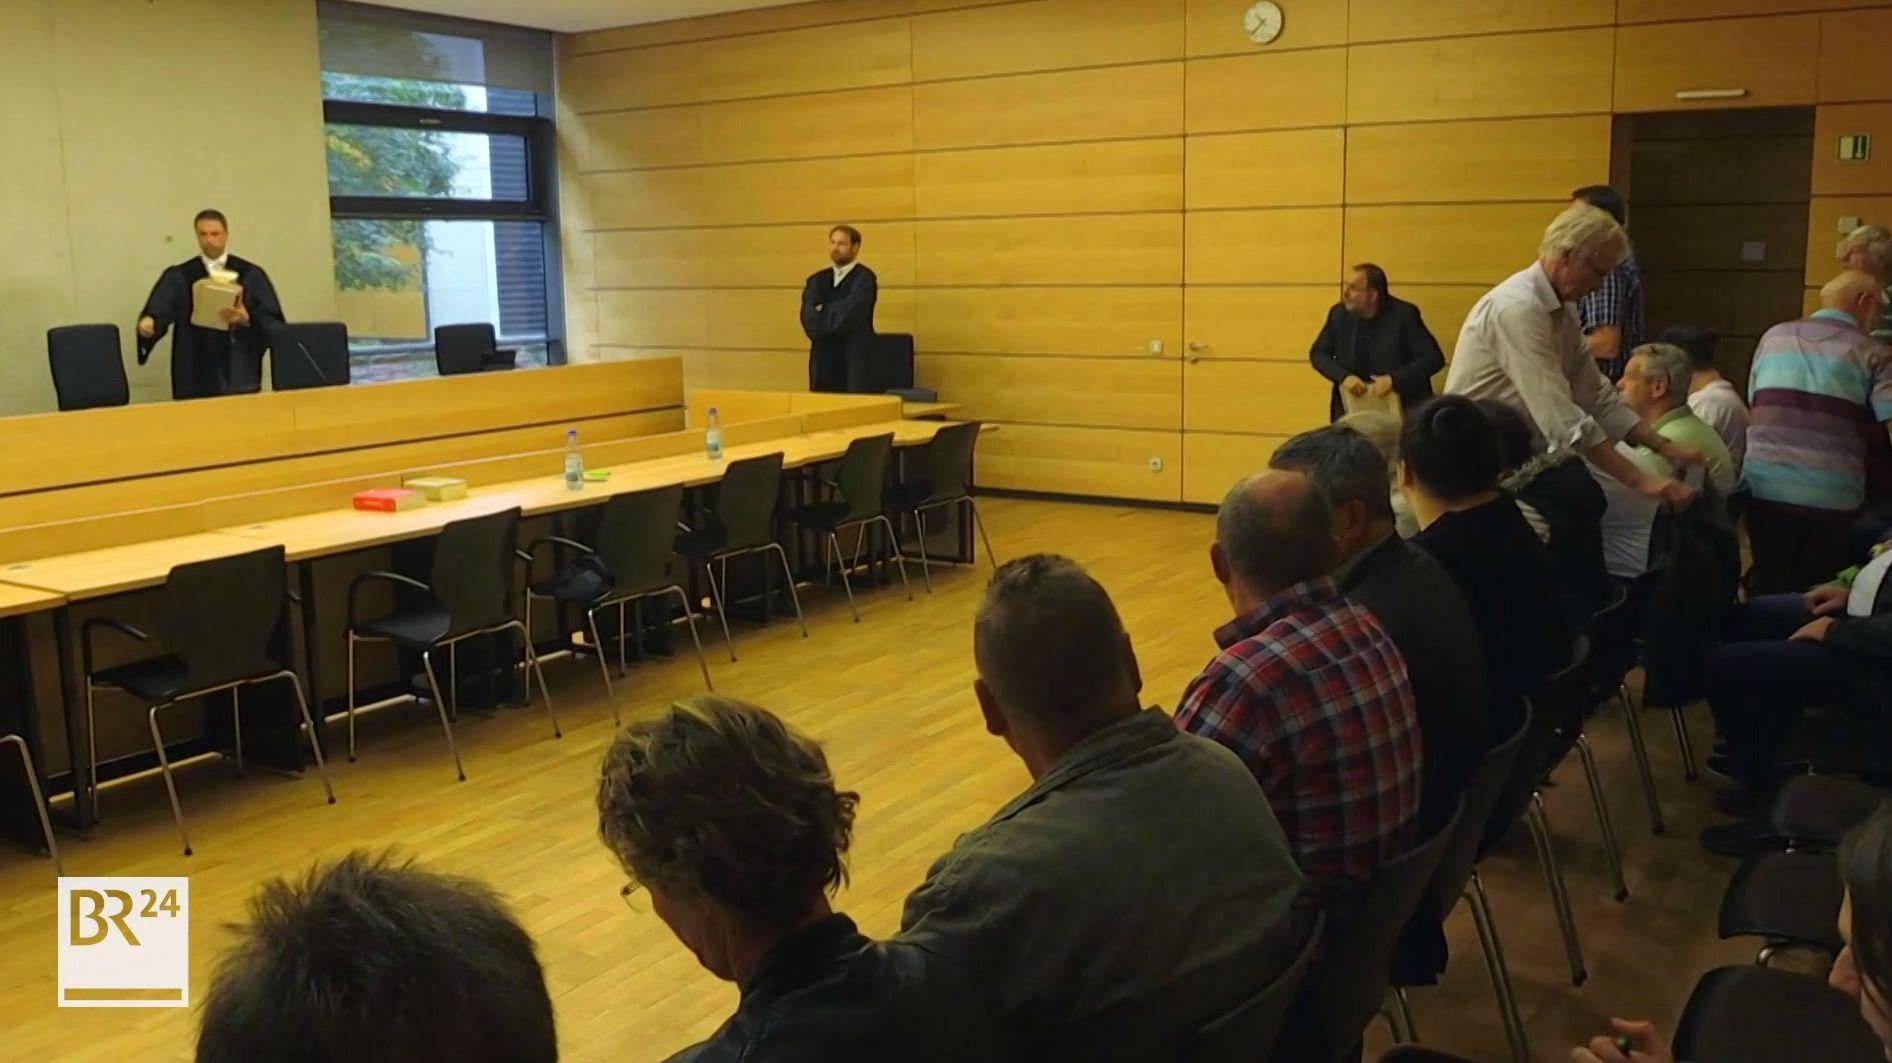 Urteil im sogenannten Giemaul-Prozess